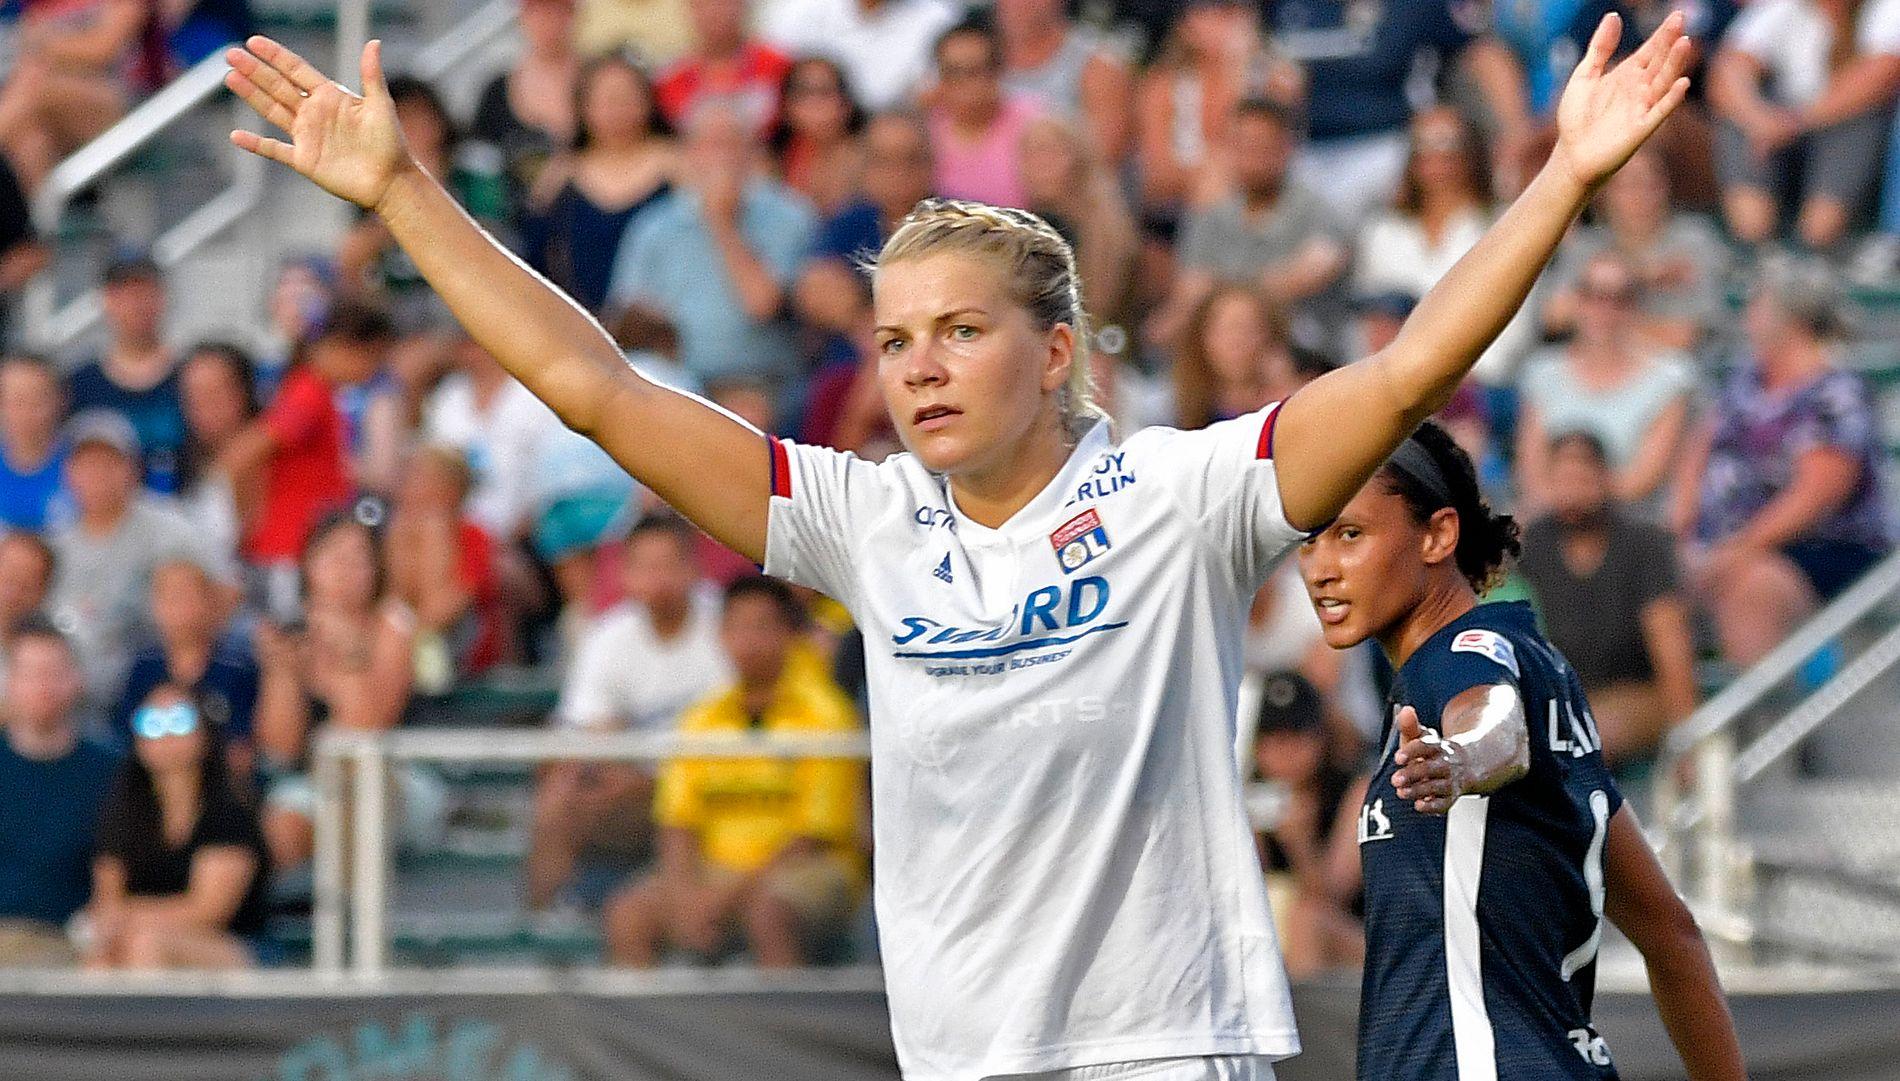 JAGER REKORD: Ada Hegerberg er på jakt etter Champions League-rekorden til Anja Mittag. Her fra en treningskamp i USA i sommer.